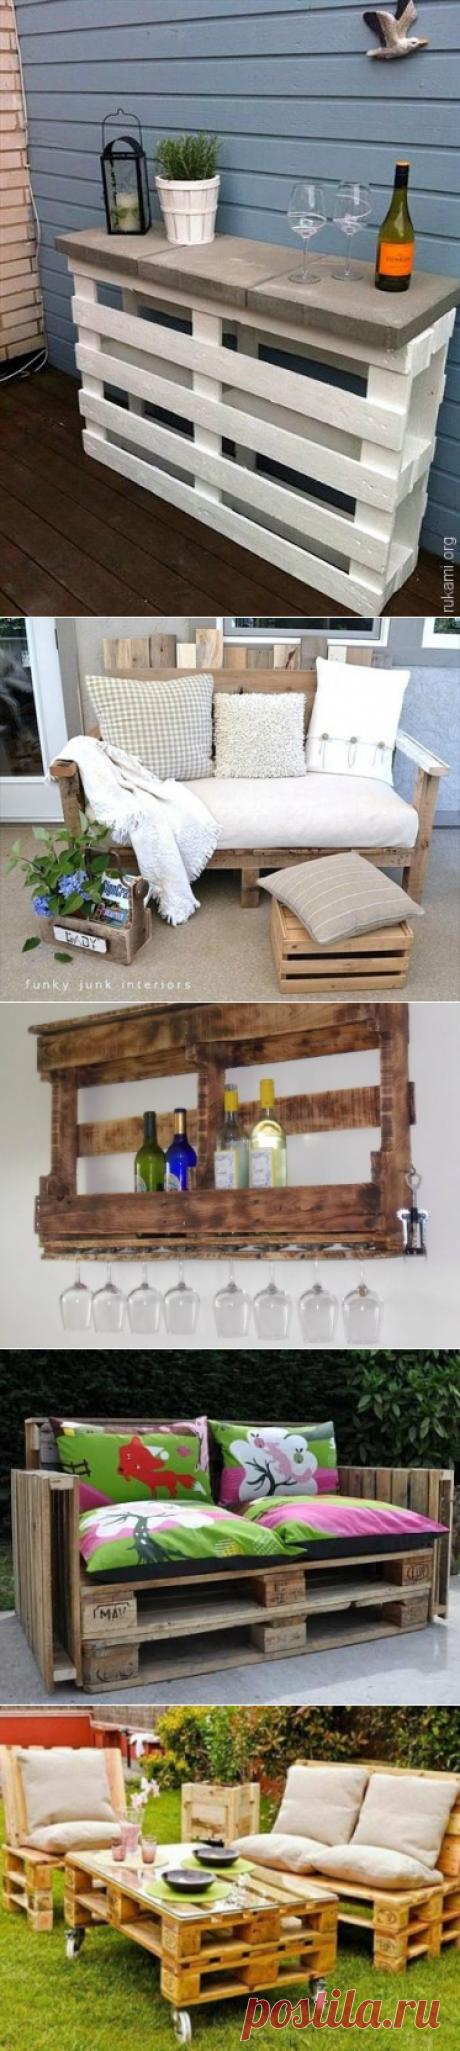 Идеи использования деревянных поддонов